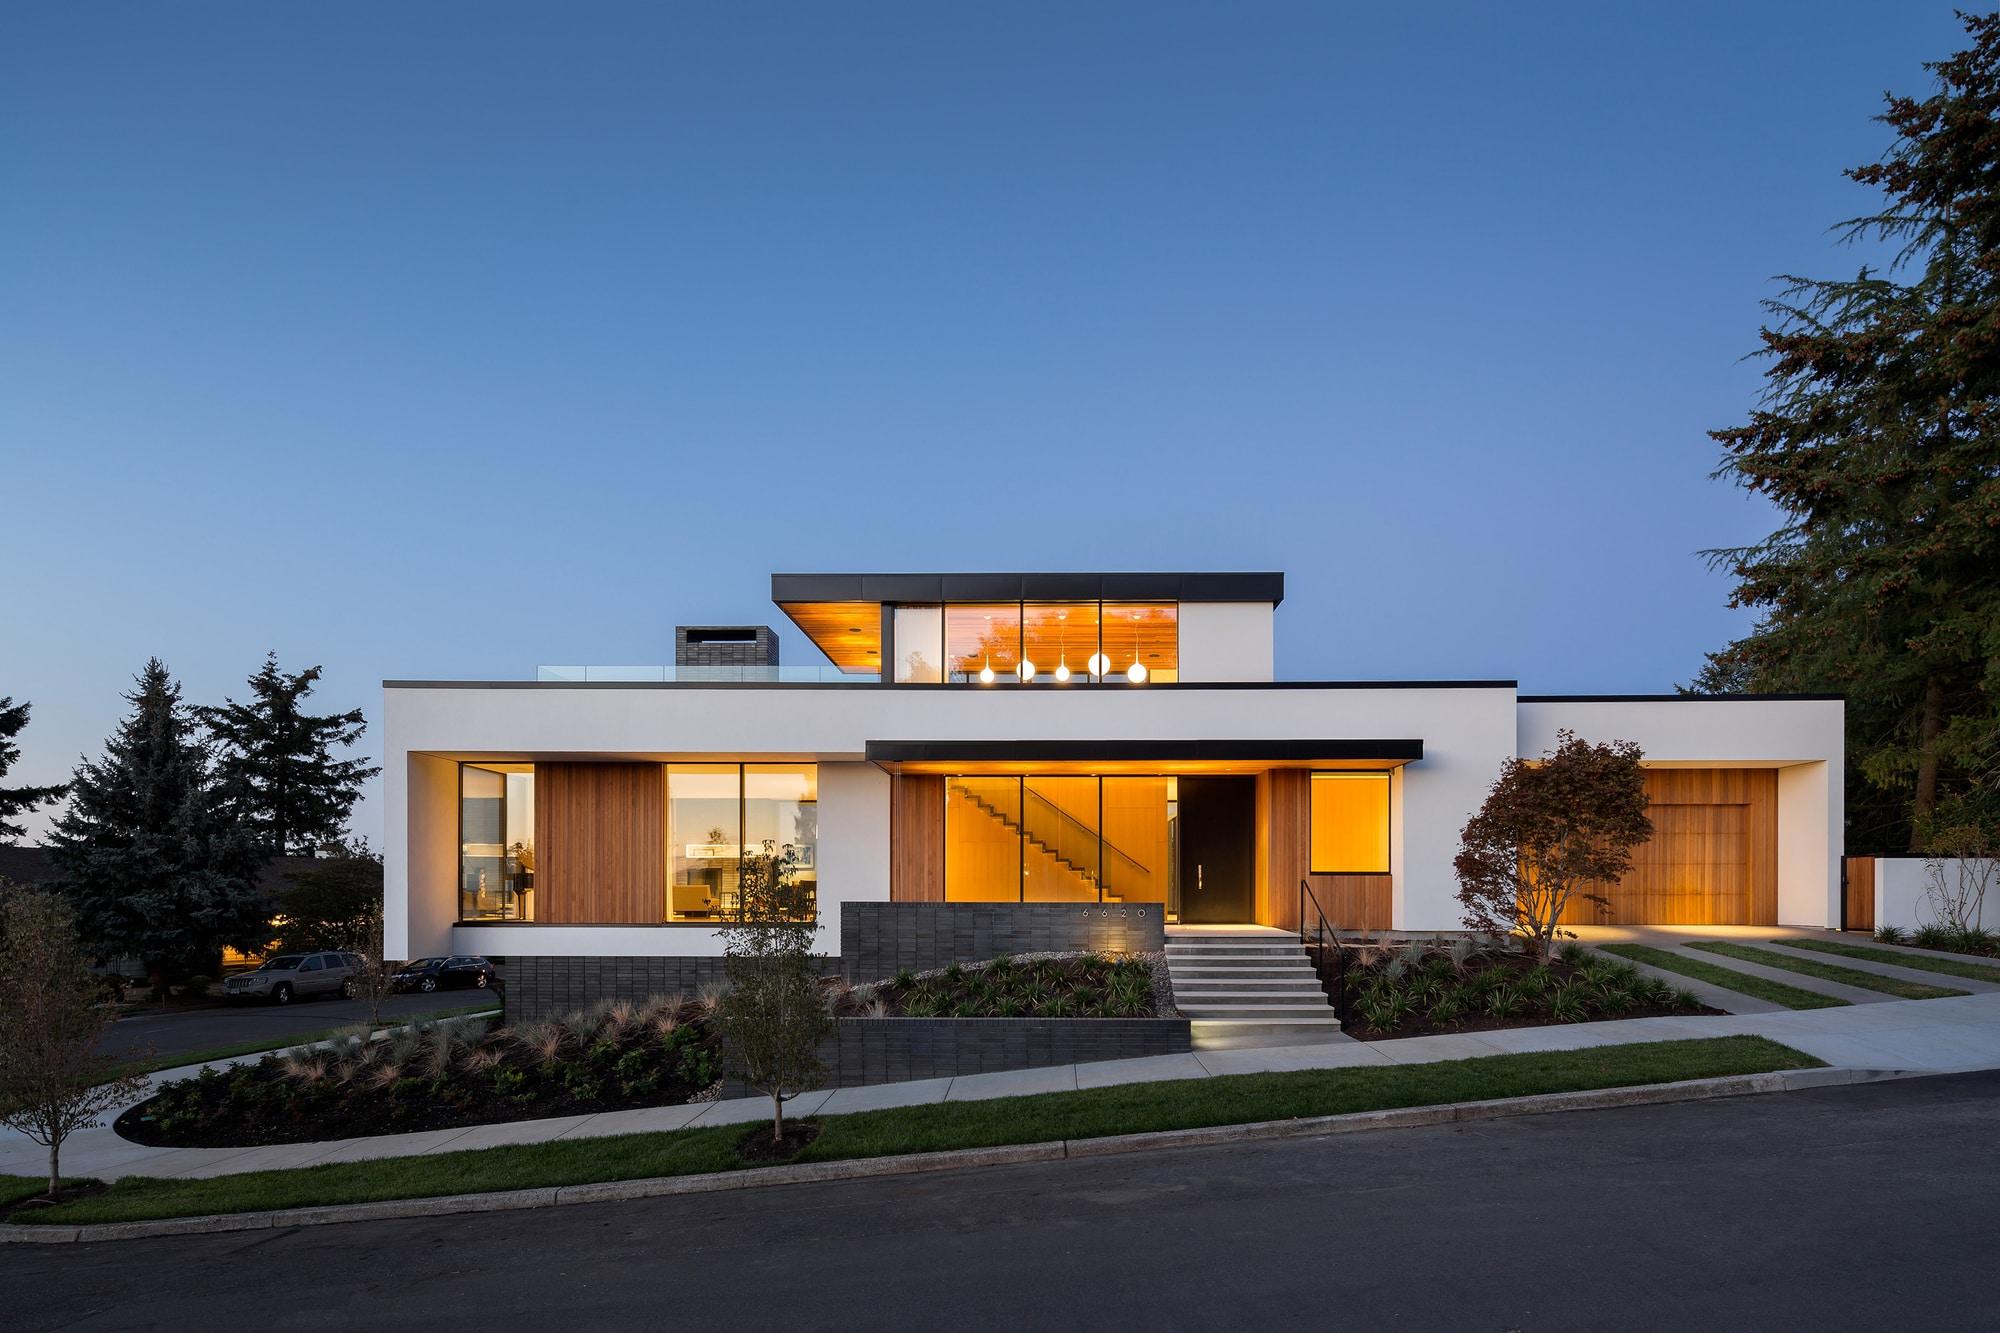 Dise o de casa de un piso moderna planos construye hogar for Fachadas de casas de 3 pisos modernas